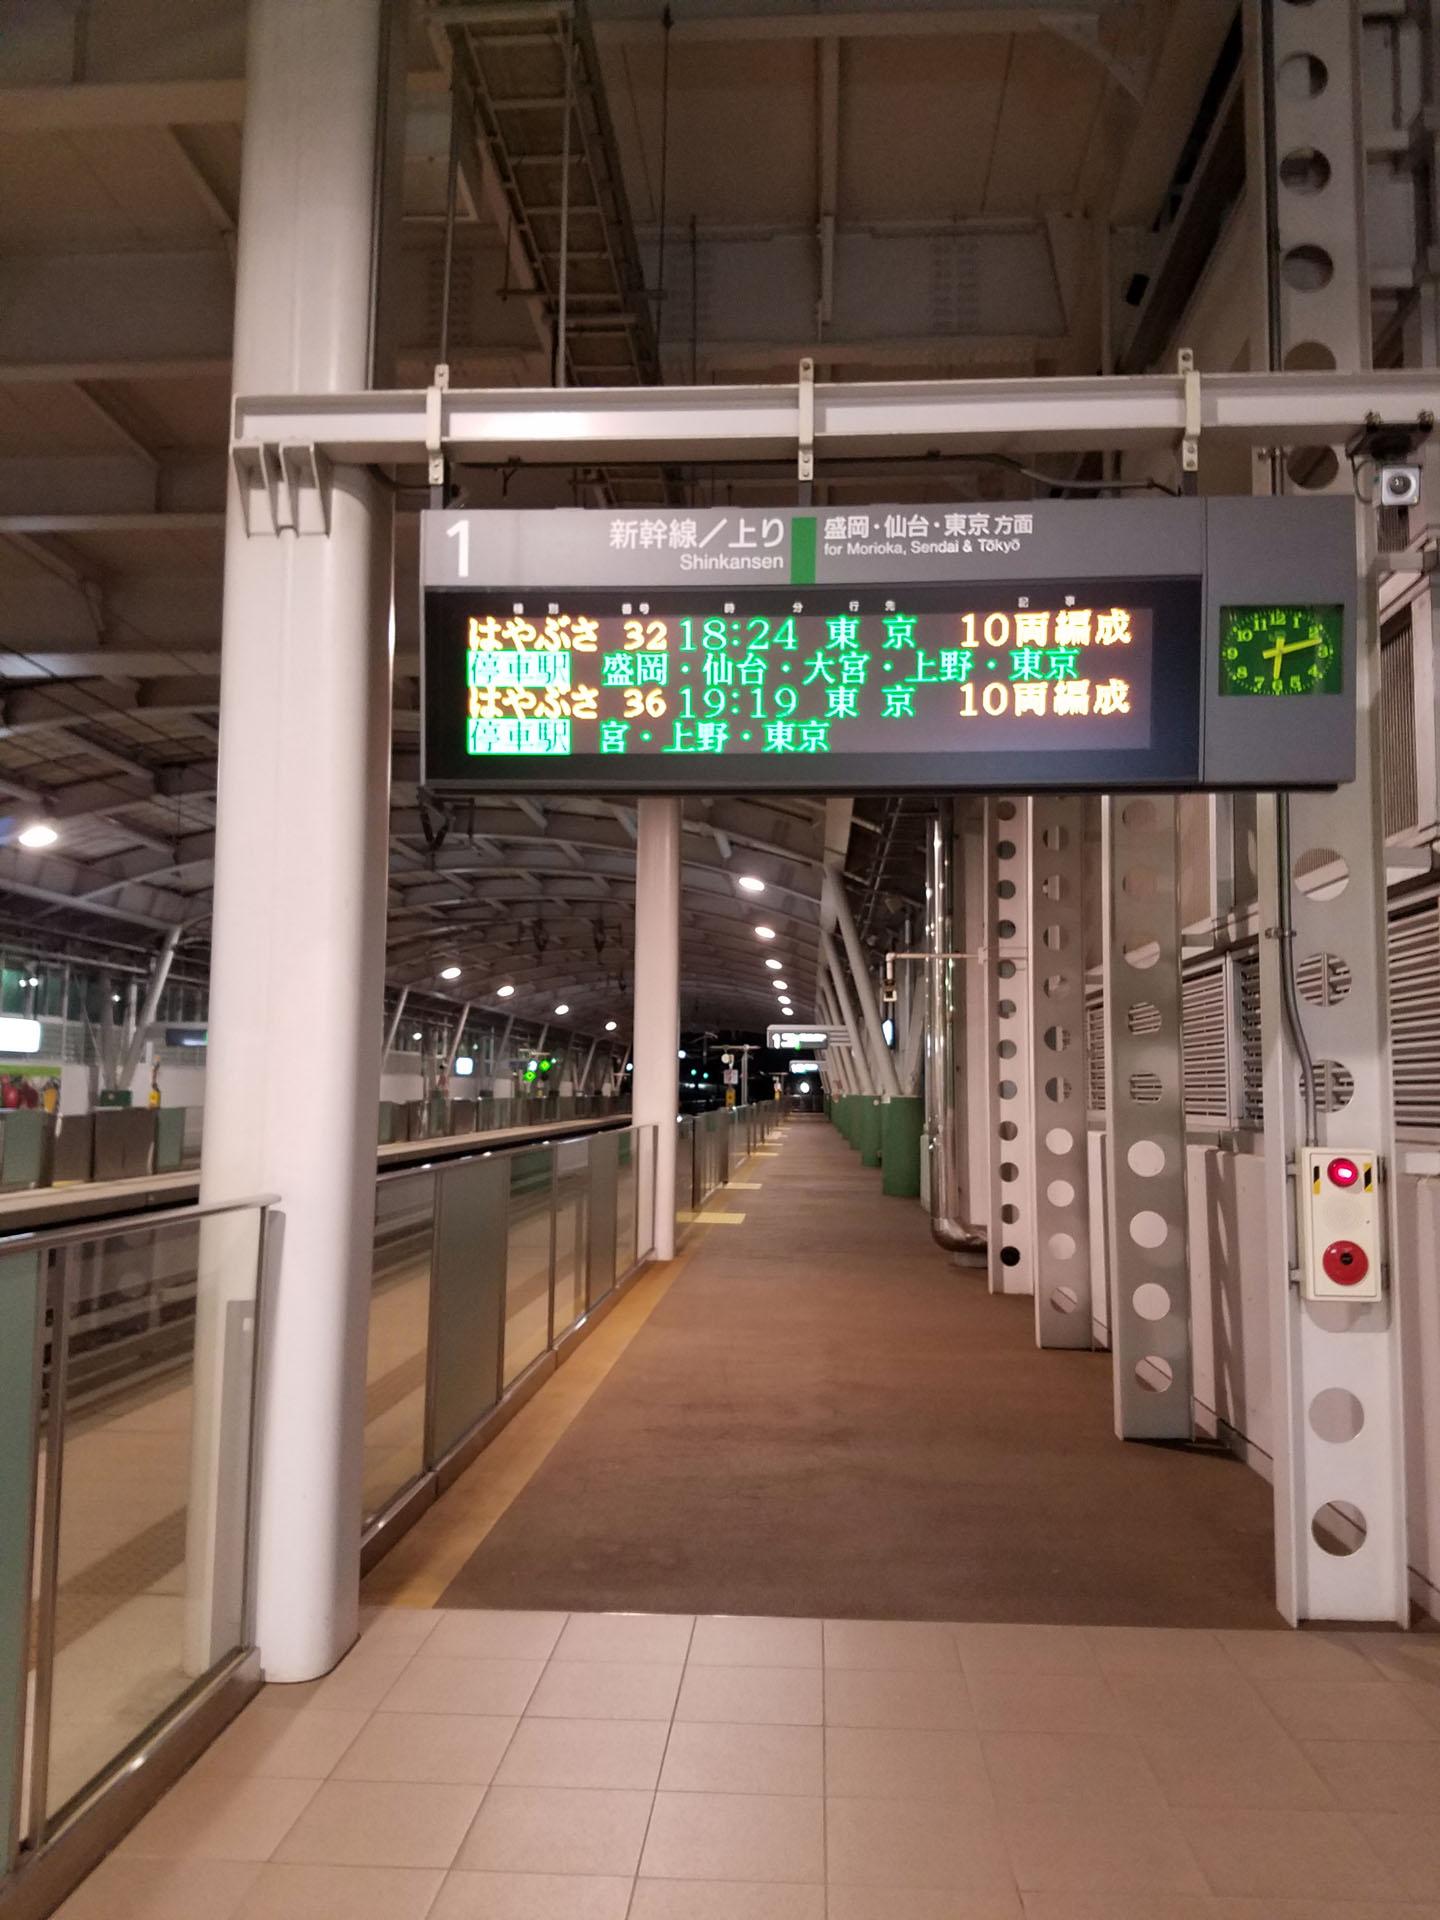 帰省@二戸駅